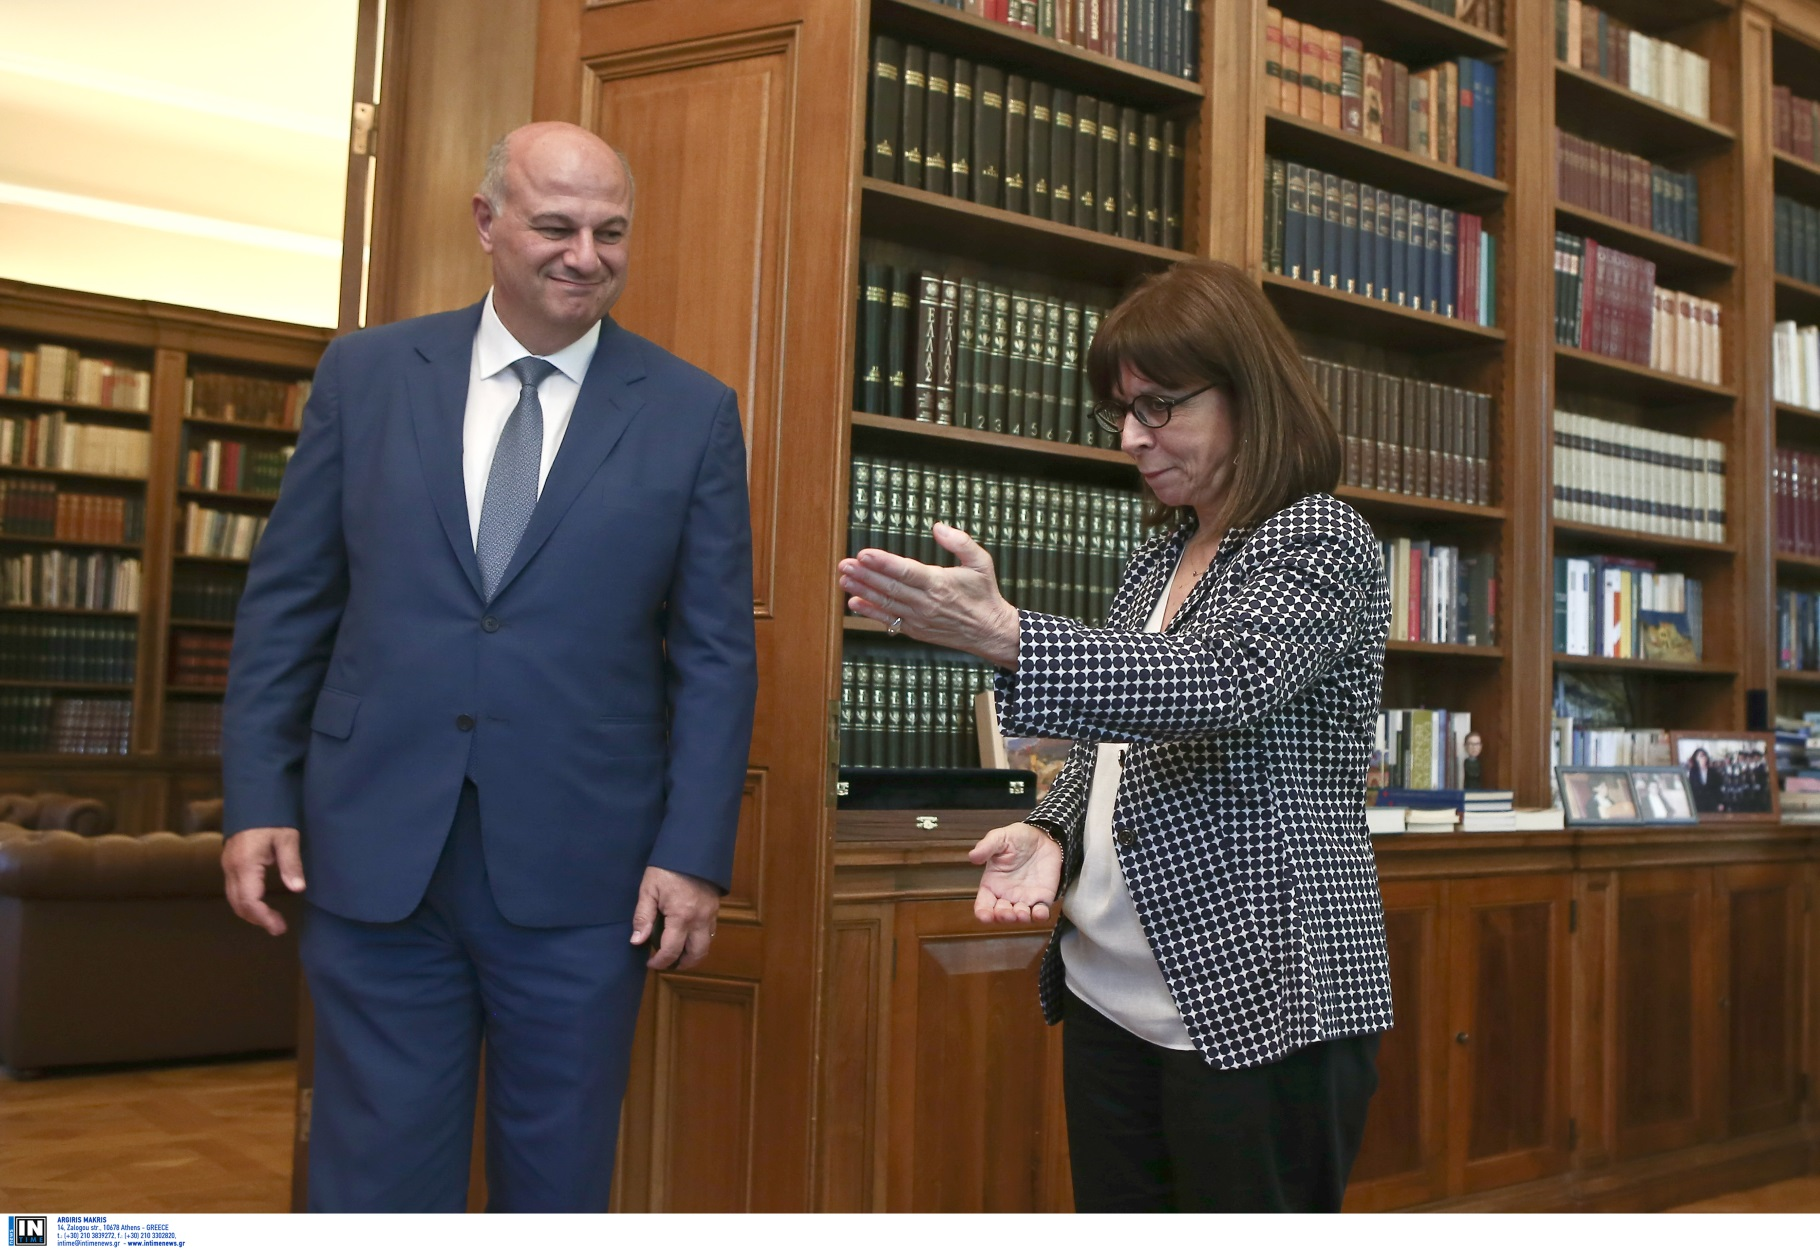 Σακελλαροπούλου: Δέχτηκε τον υπουργό Δικαιοσύνης